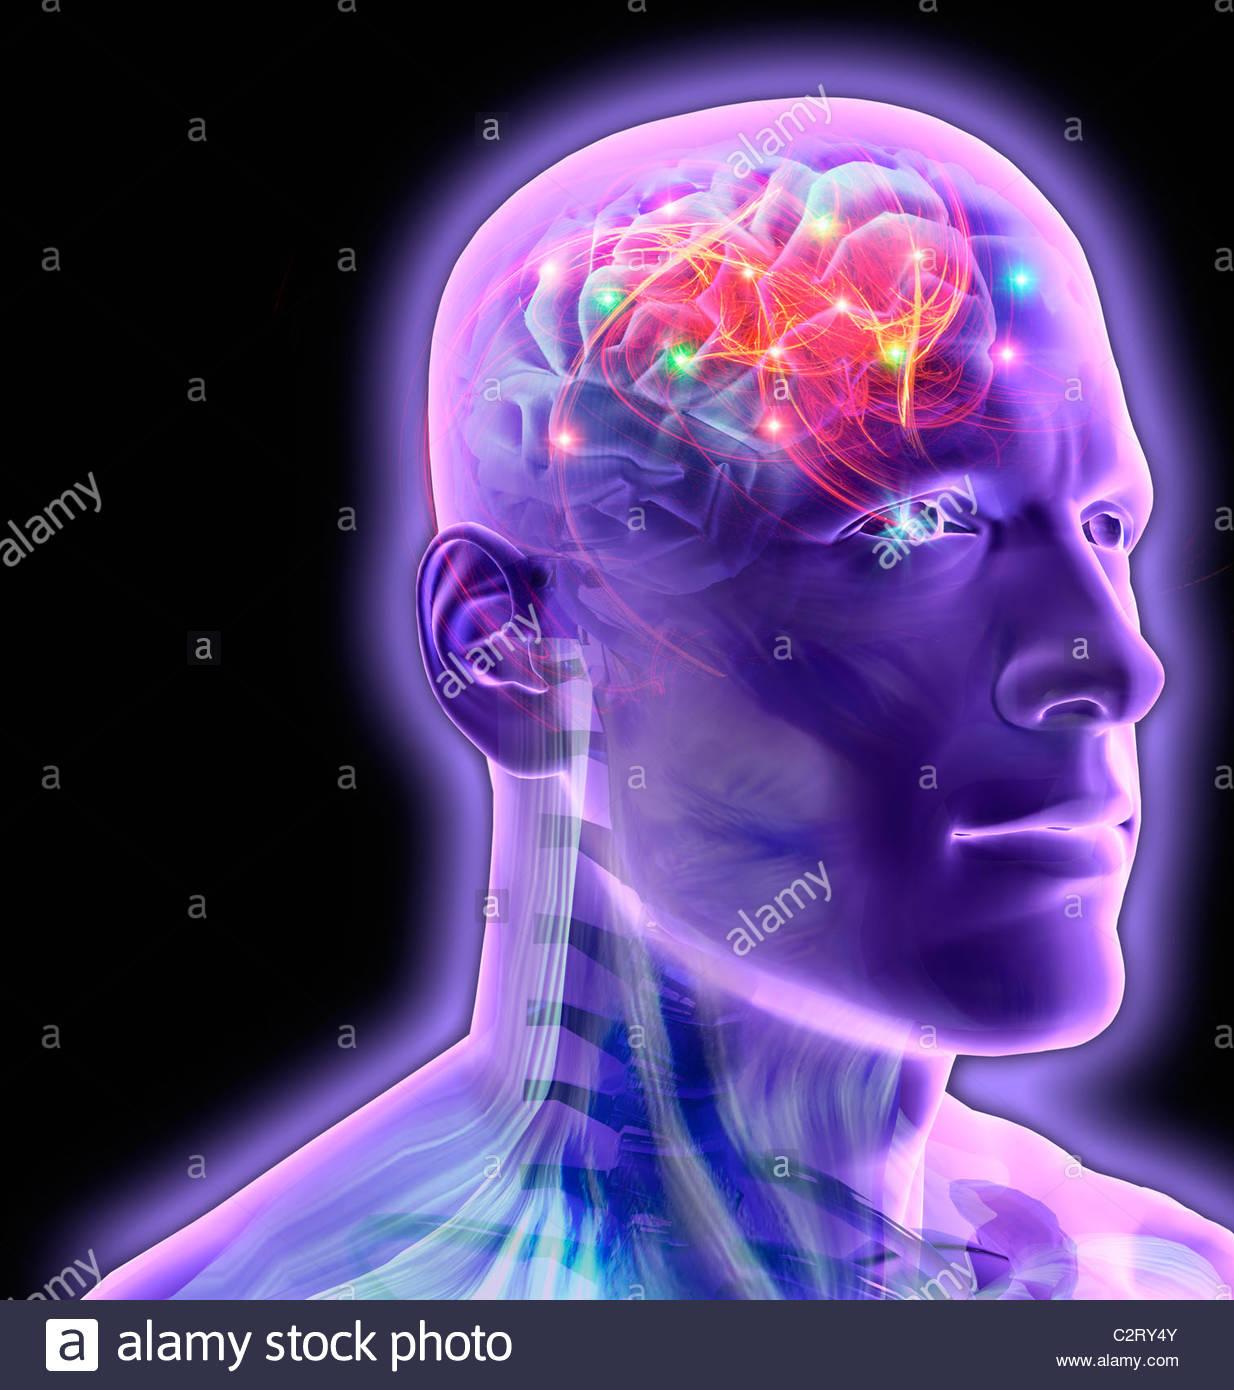 El cerebro del hombre transparente brillante y reluciente Imagen De Stock